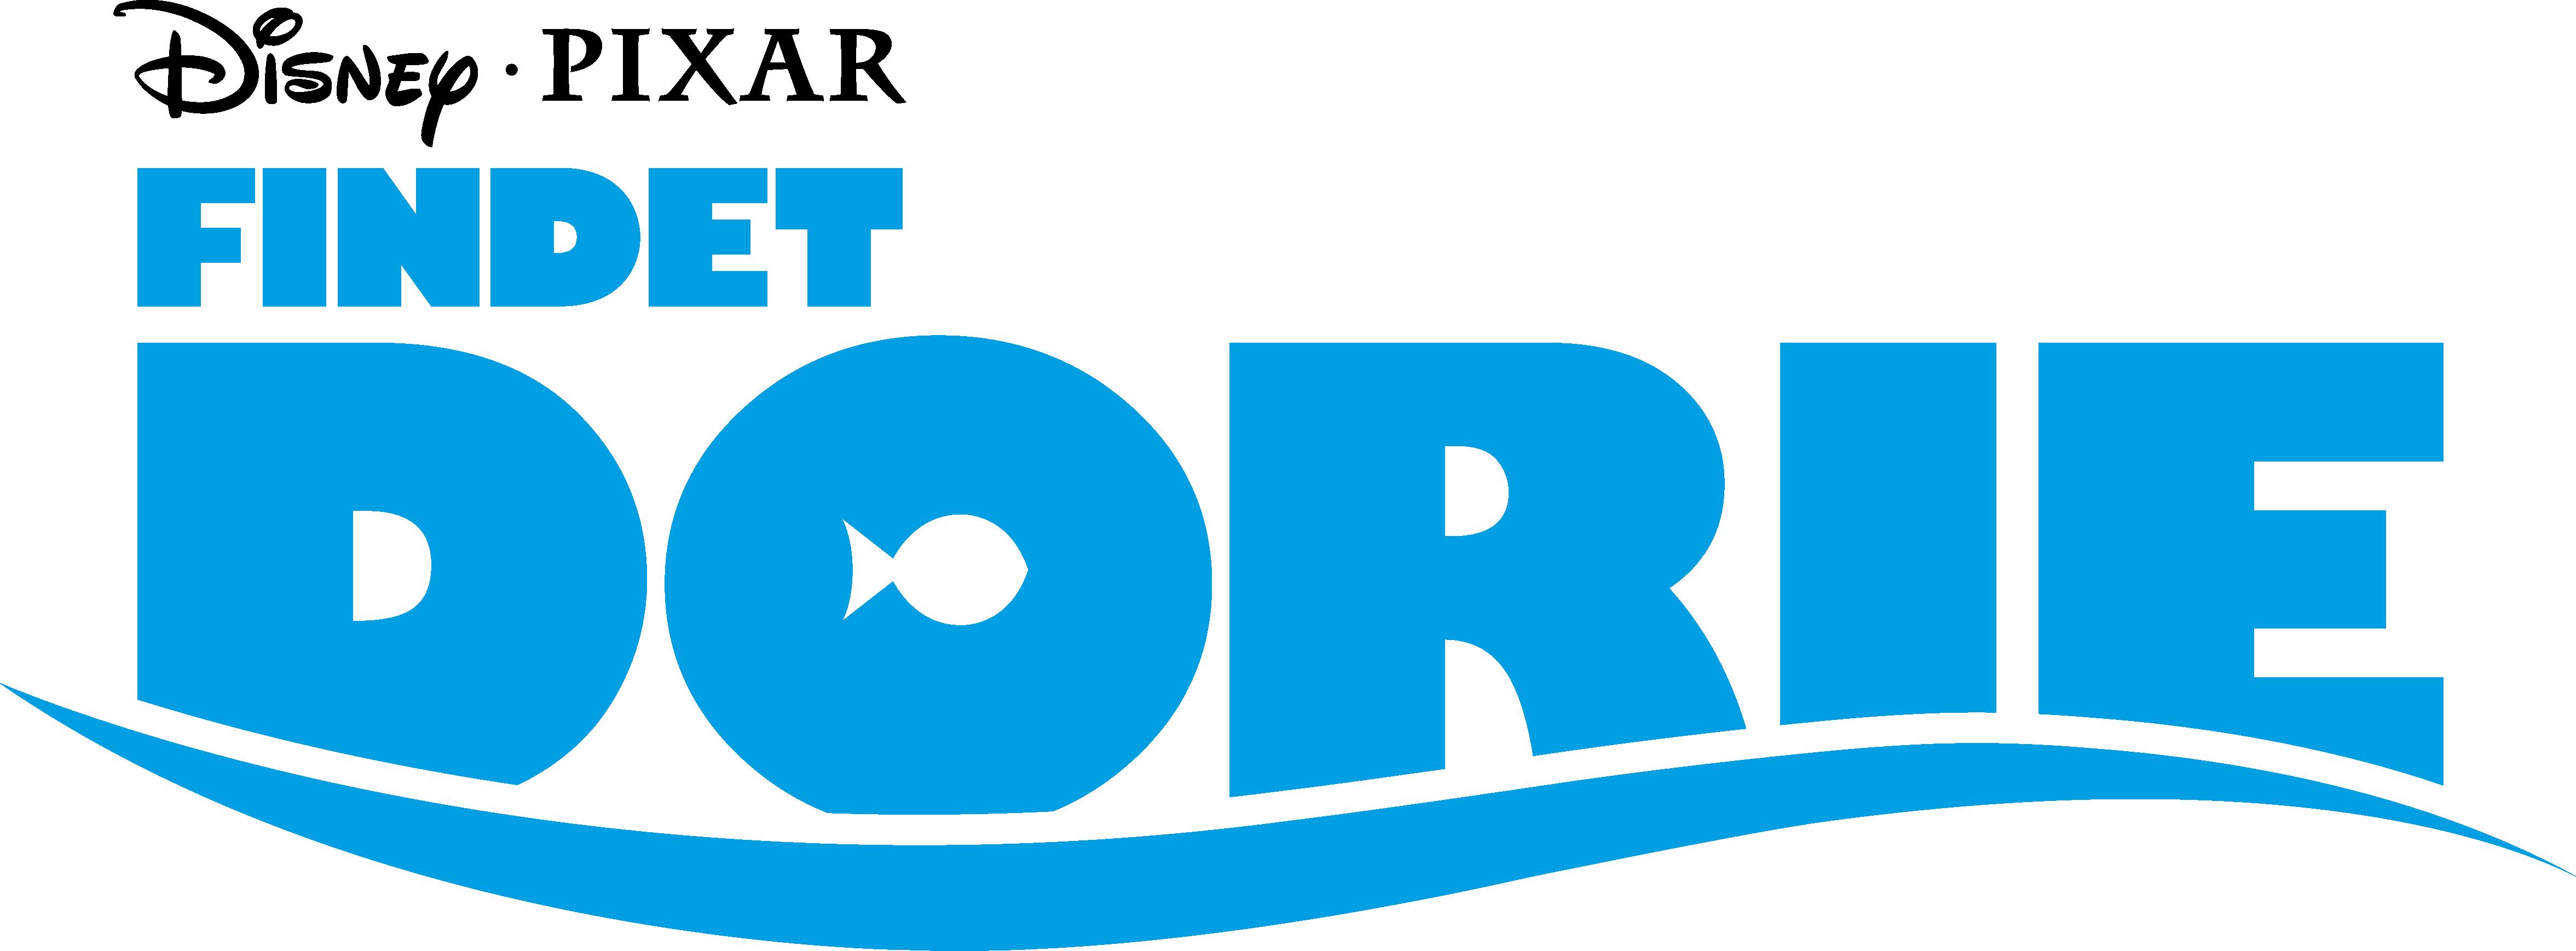 DORY_GER_TT_C_V02F